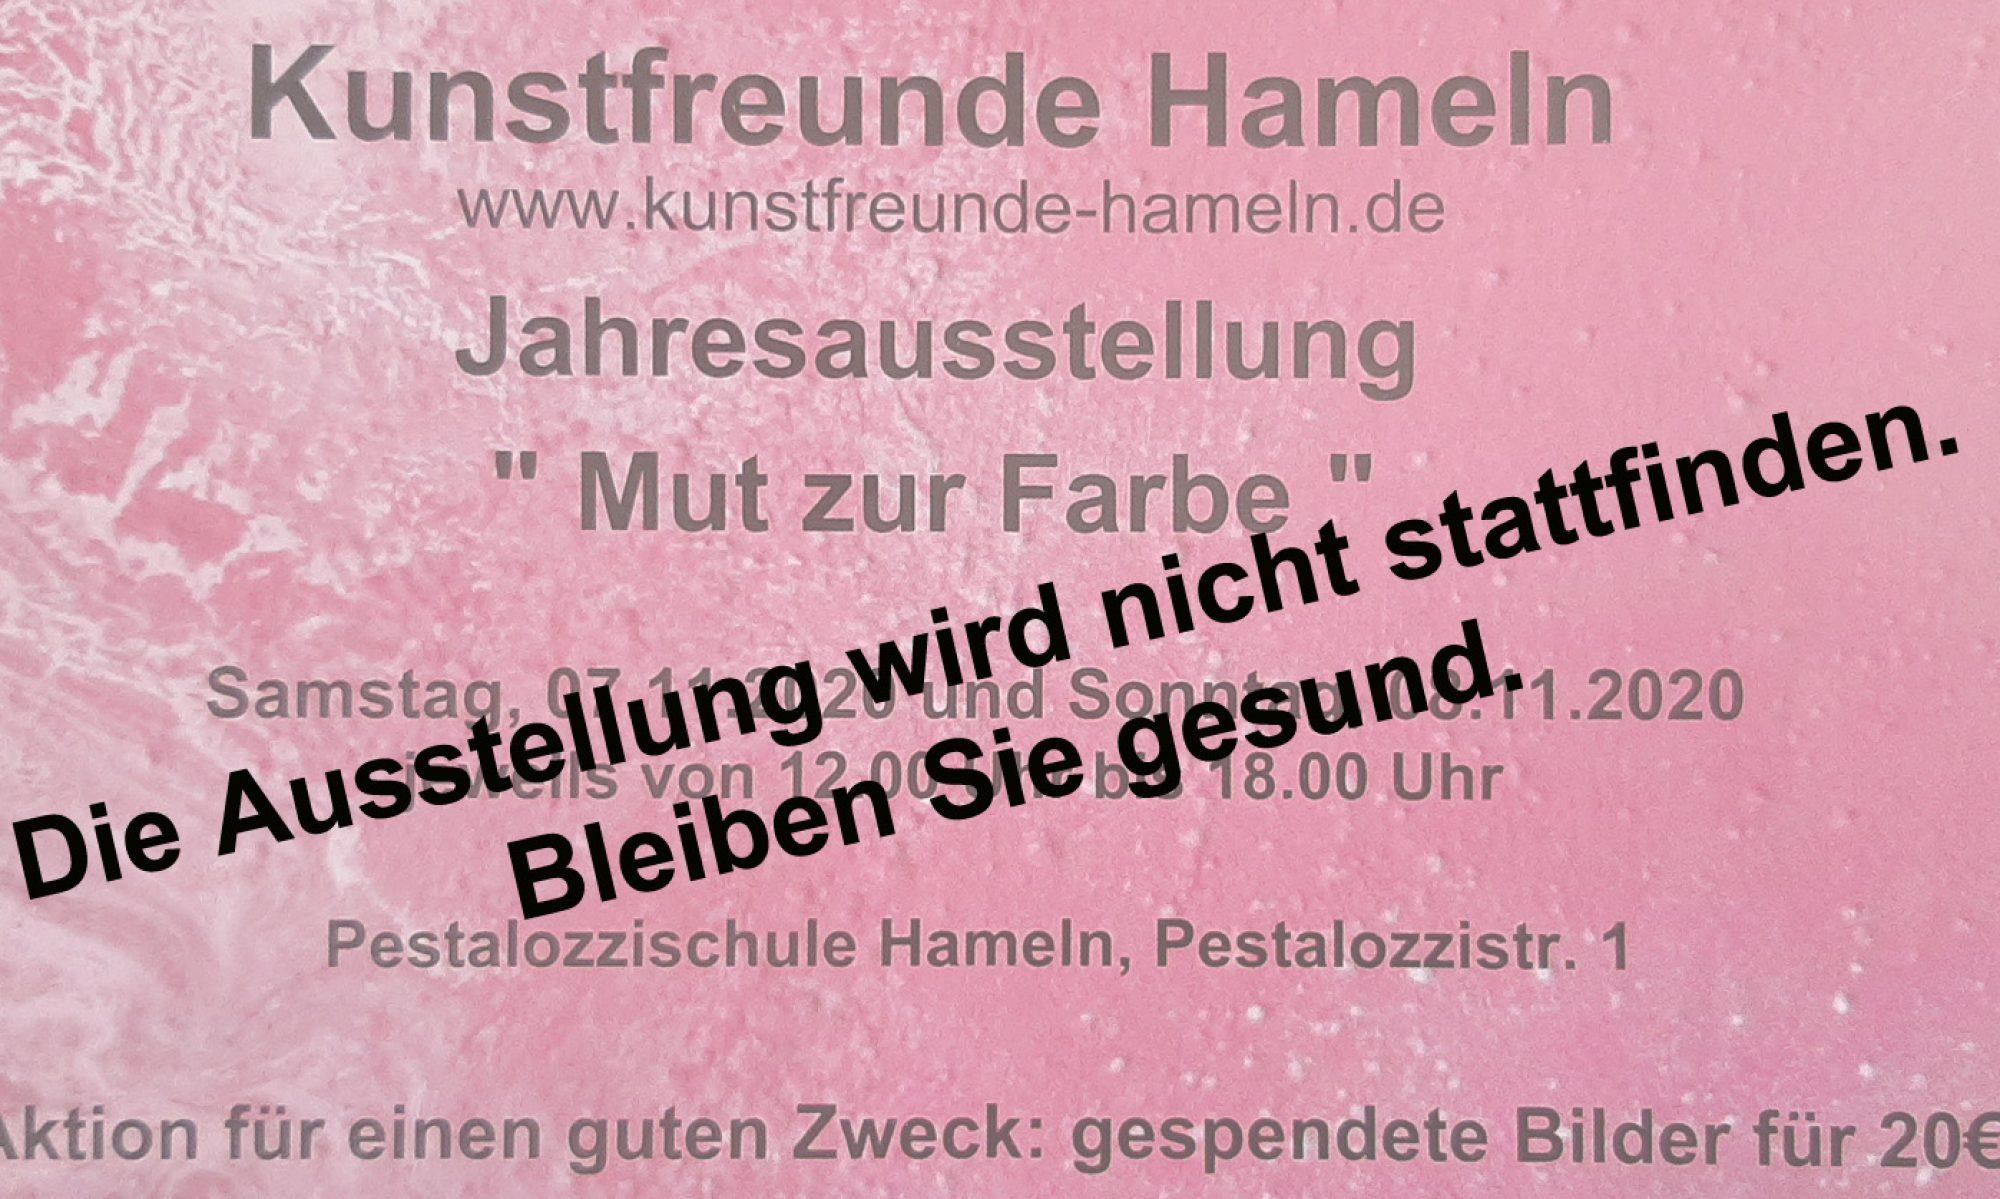 Kunstfreunde-Hameln